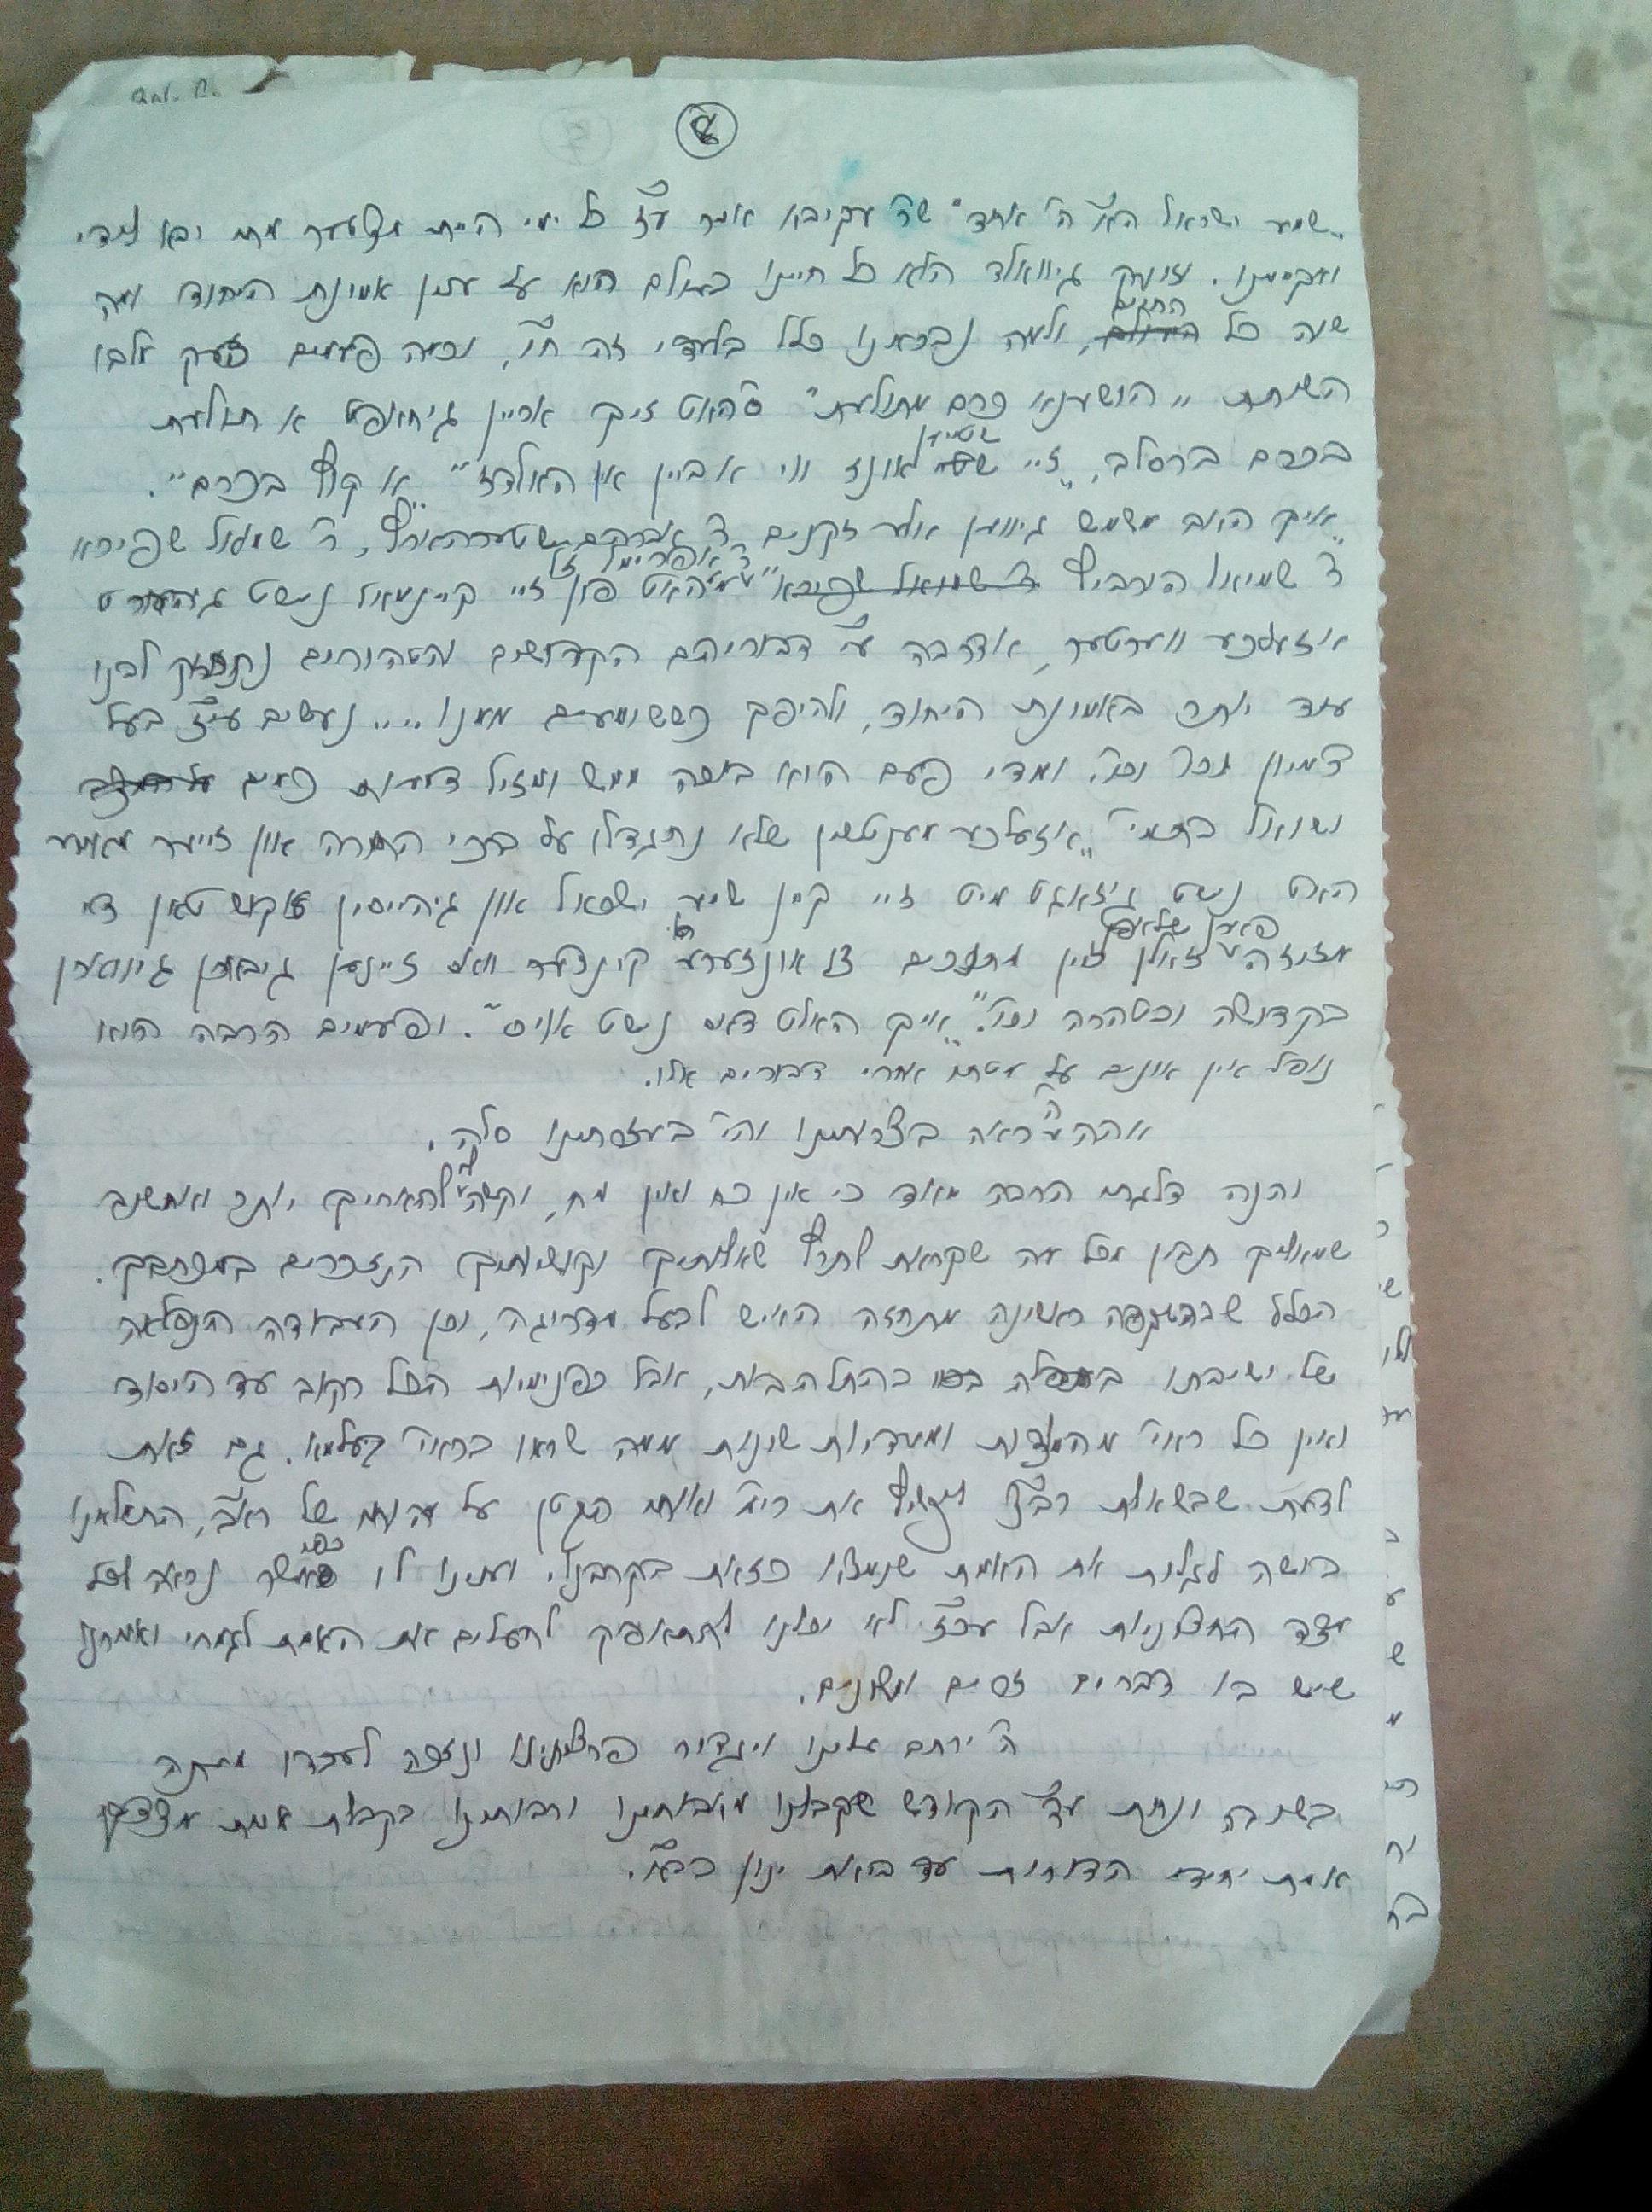 """מכתב מרתק, ארוך ומפורט משנת תשנ""""ב, שכתב אחד מגדולי רבני ברסלב, אודות הליצנות של ברלנד, ותחבולותיו בעקירת יסודות האמונה"""